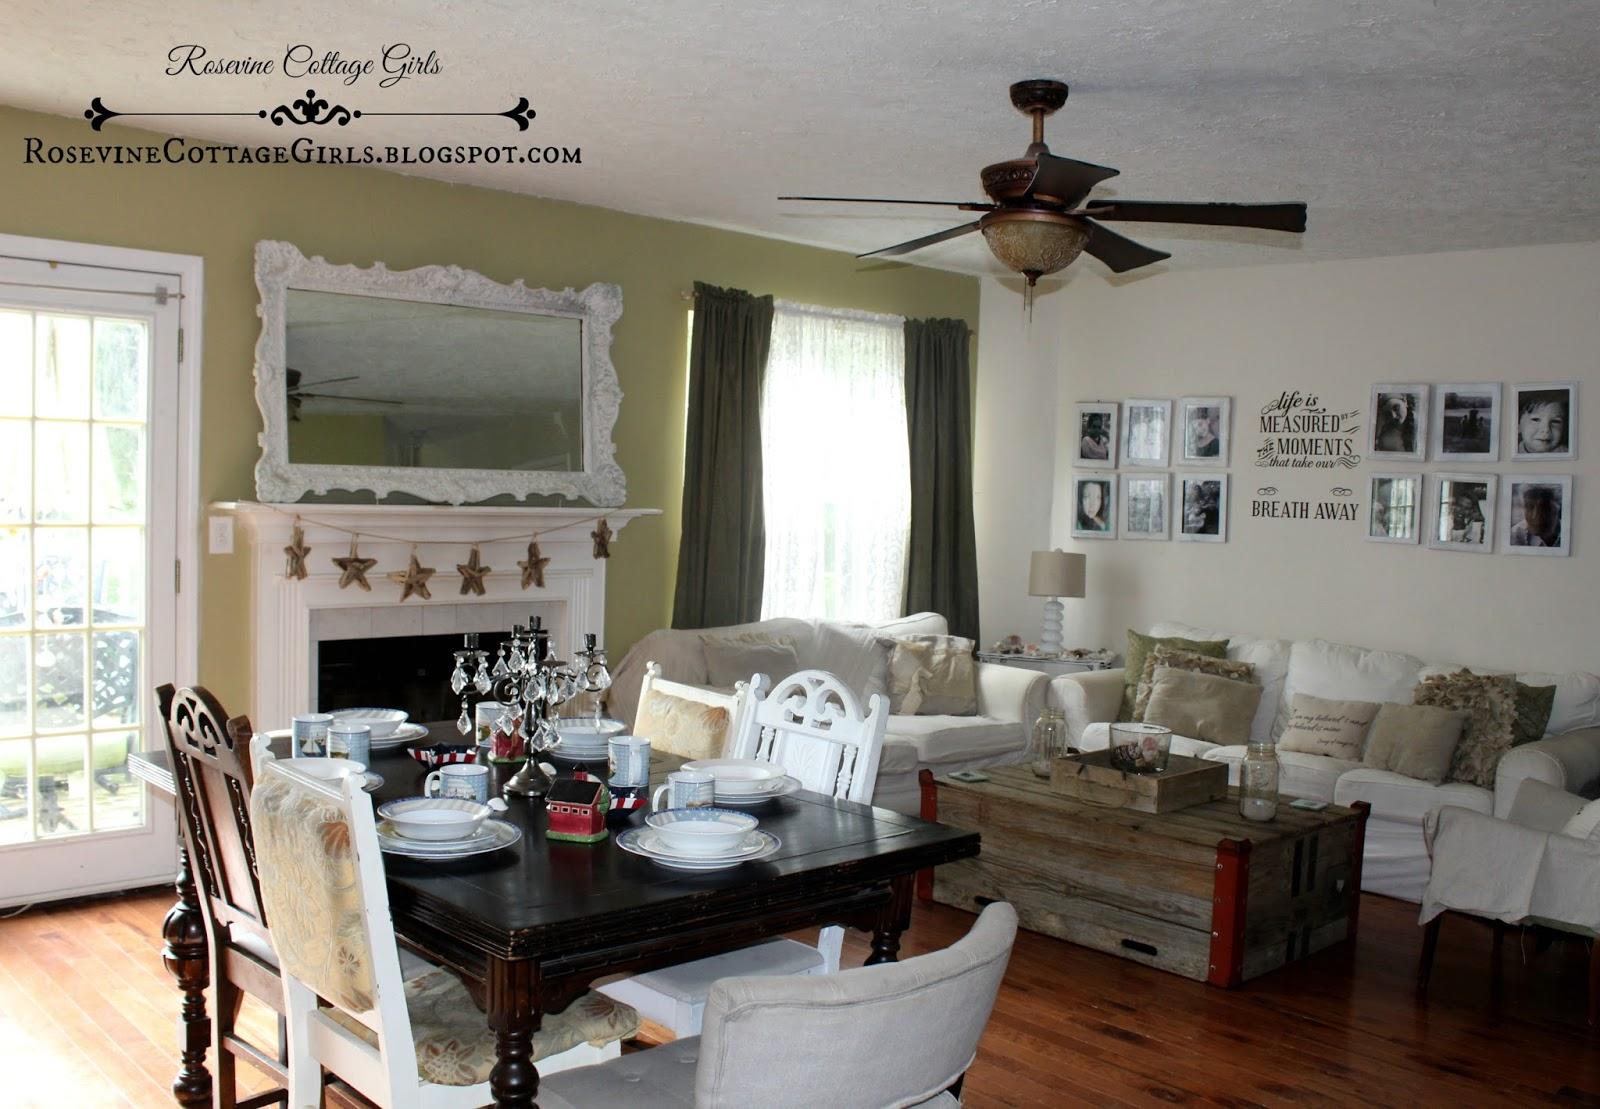 rosevine cottage girls living room reveal